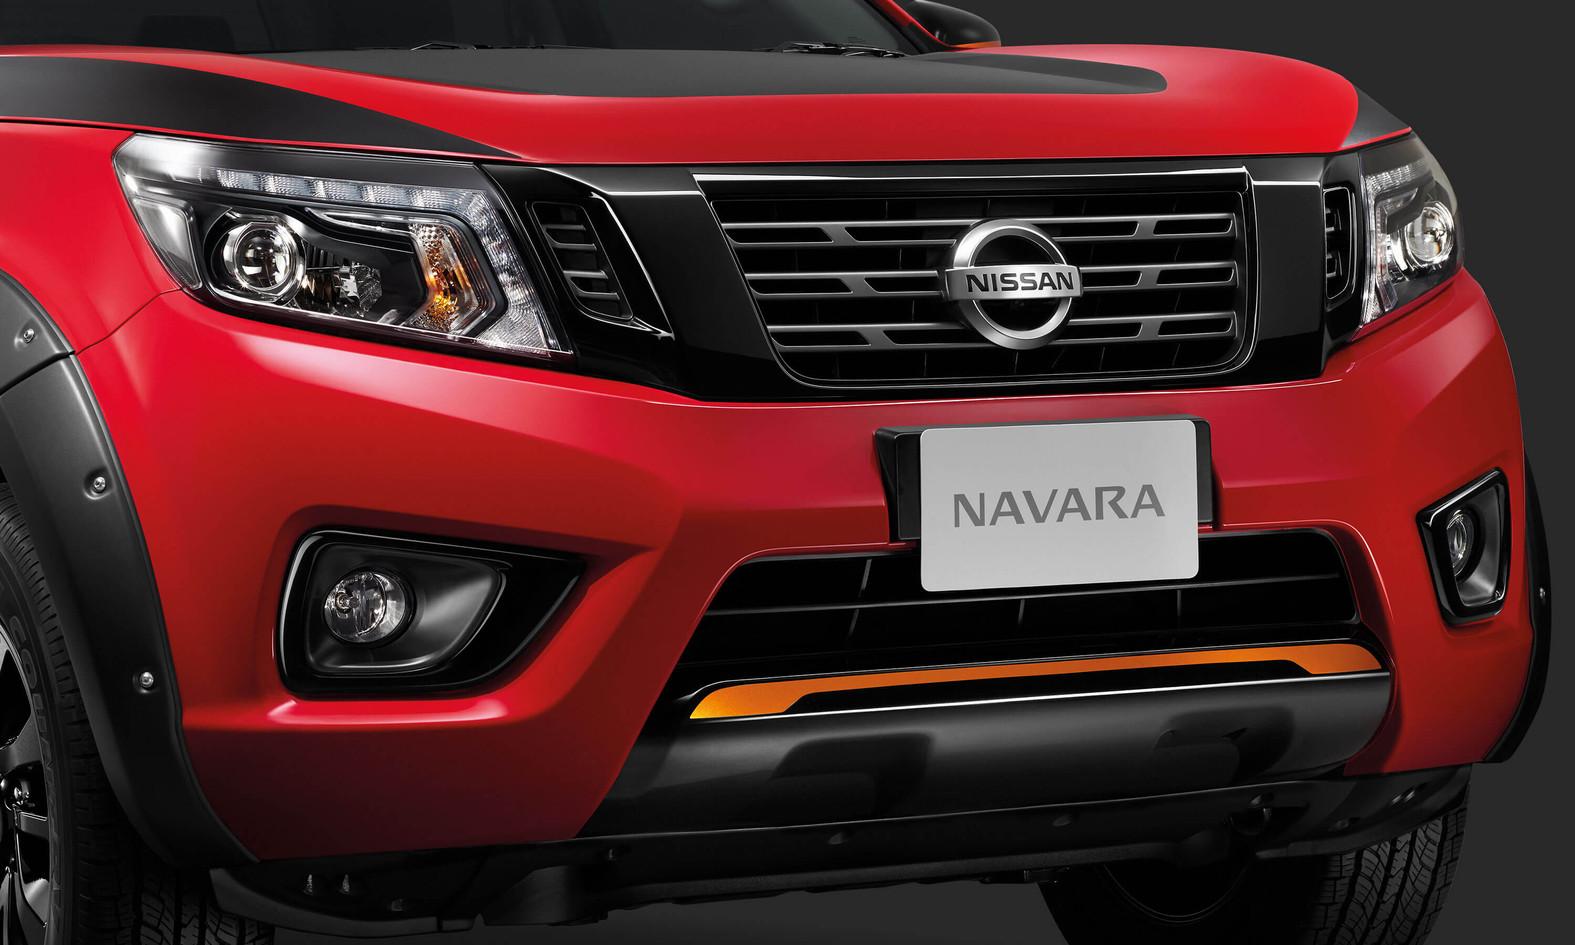 Nissan-Navara-DC-3000x1800-01.jpg